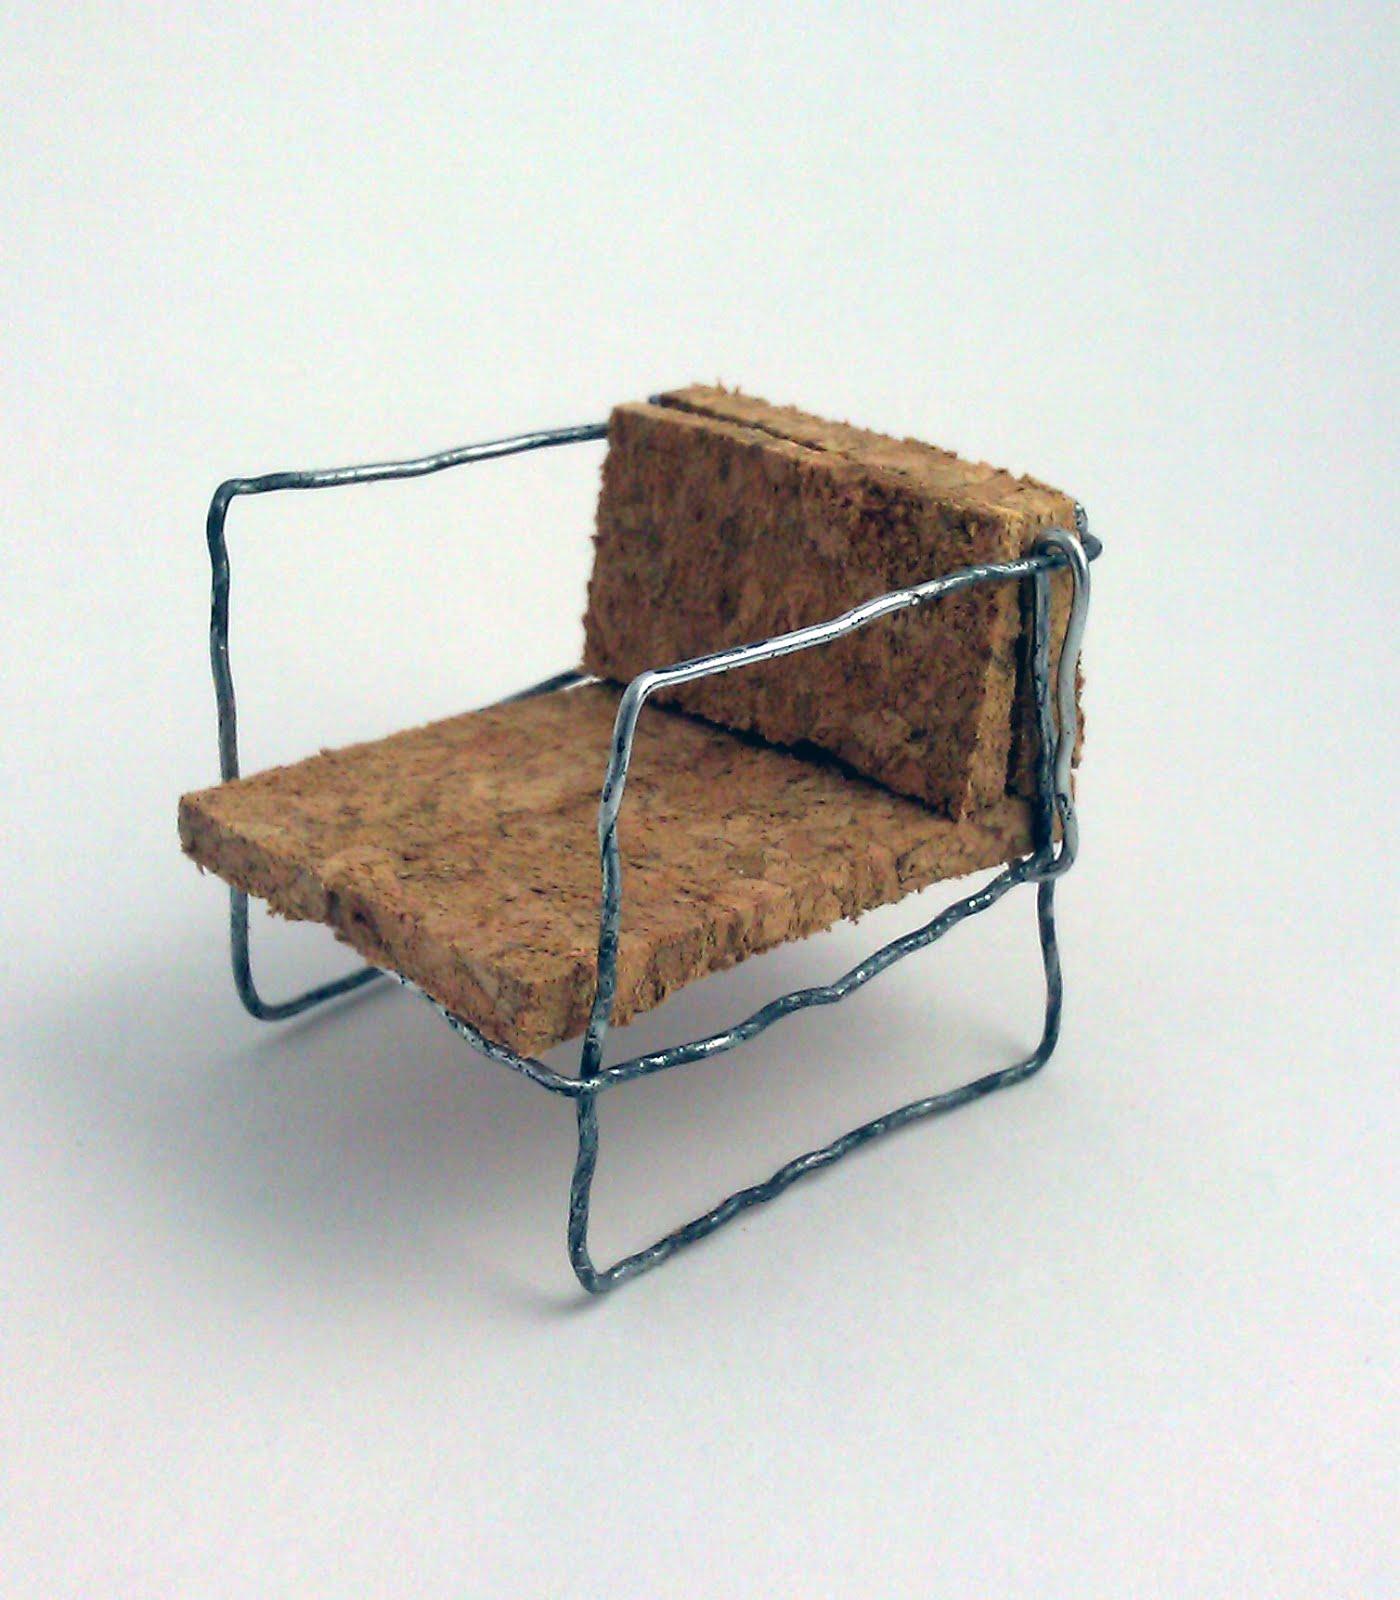 Concours design chaise champagne 21 la boite verte for Chaise qui vole